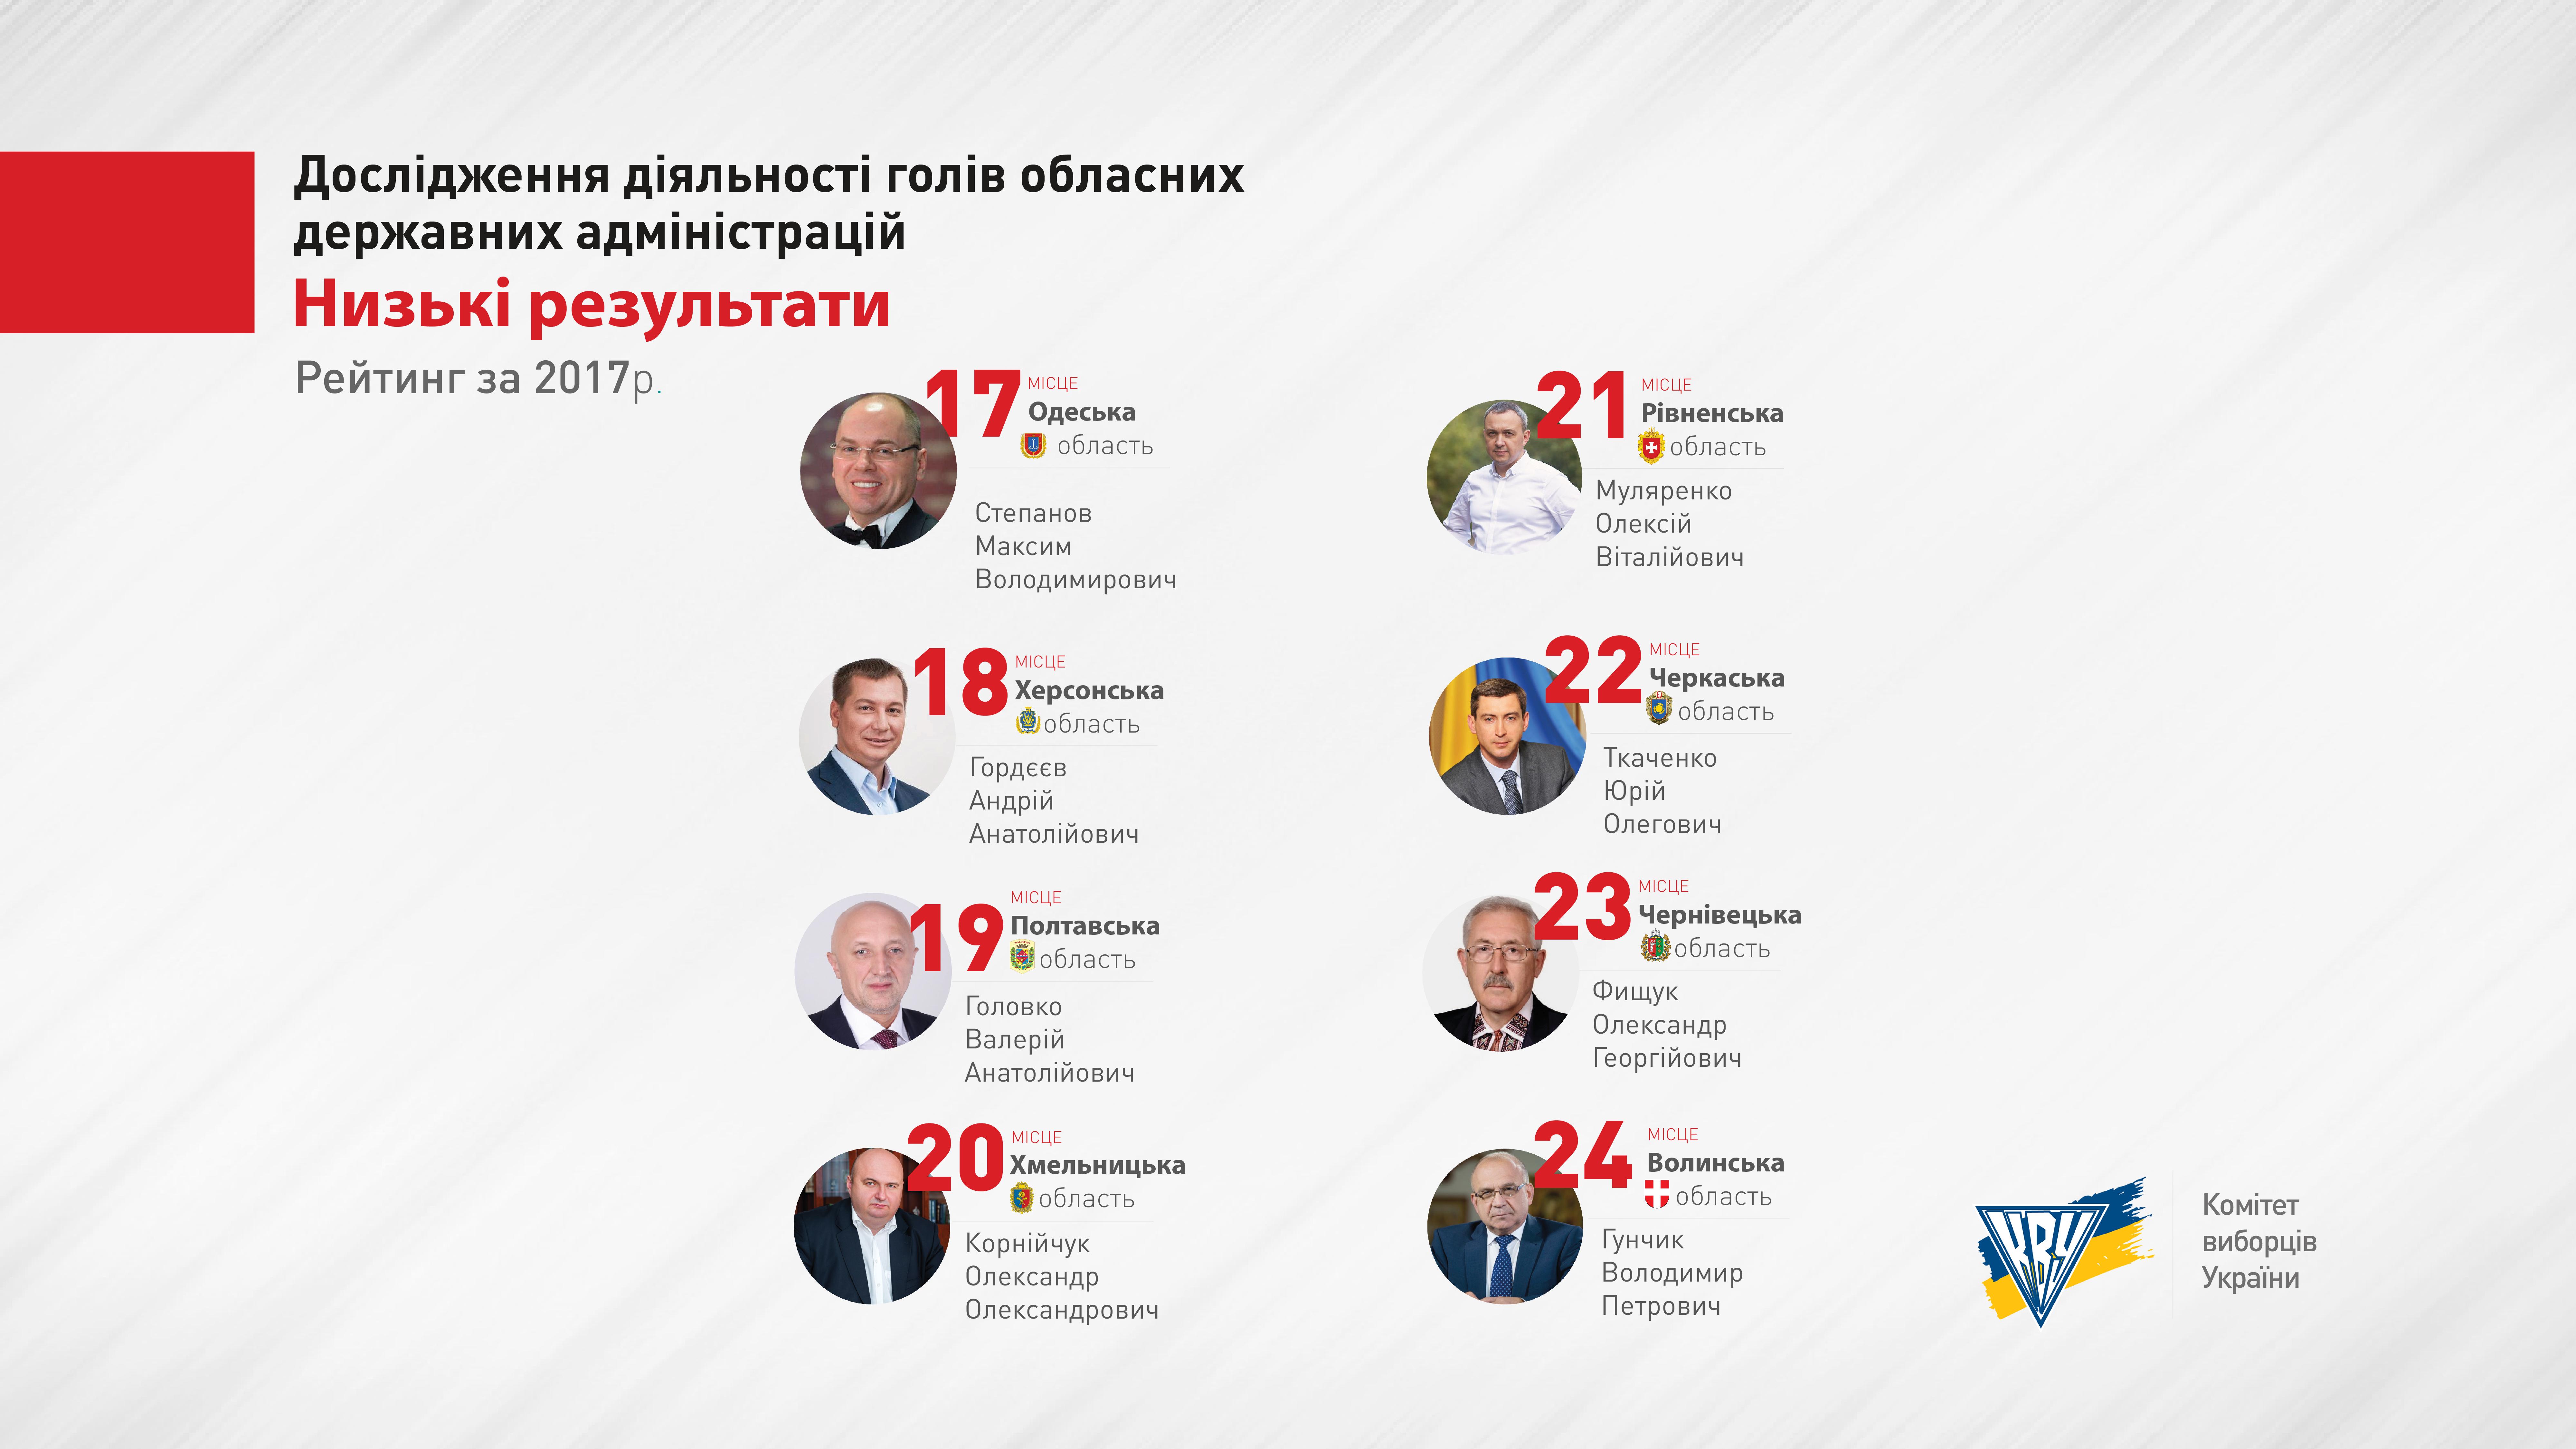 Рейтинг деятельности глав ОГА: Максим Степанов — в группе с низкими результатами